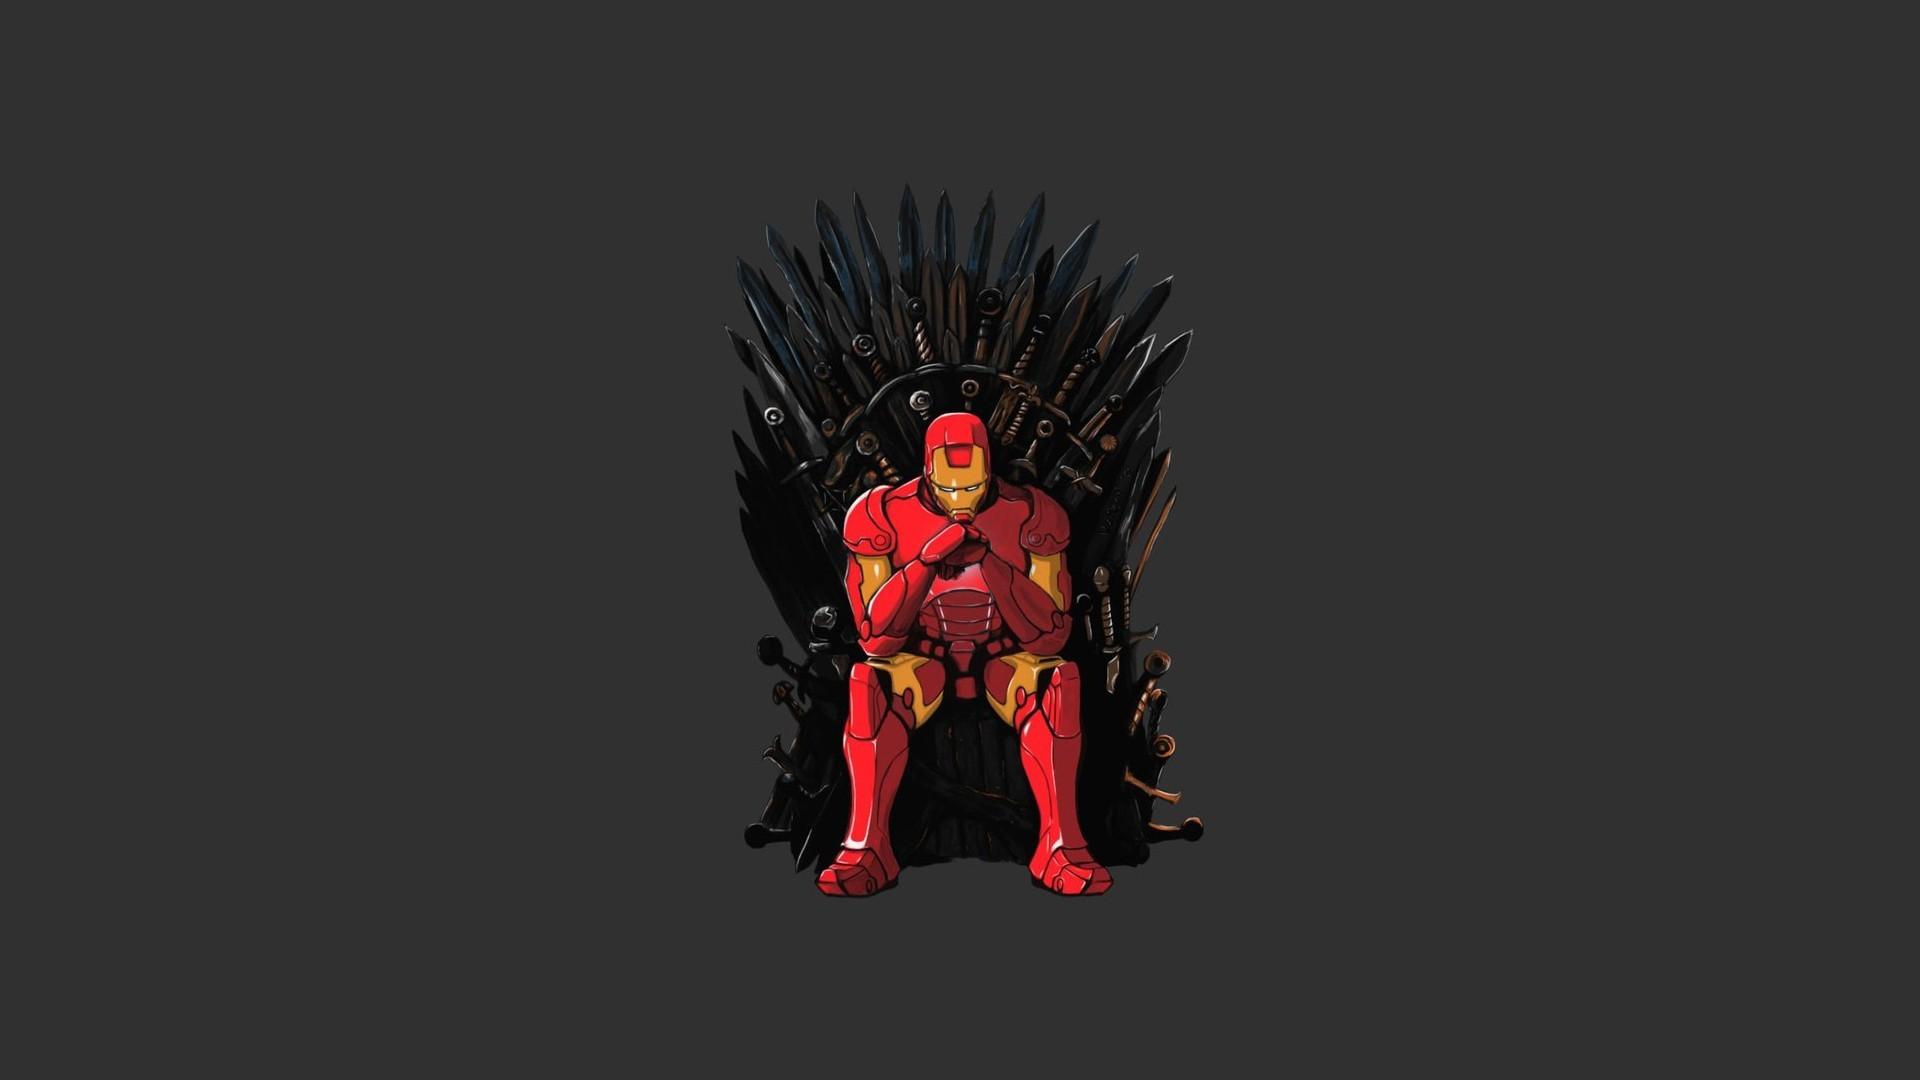 Iron Man Game of Thrones Mashup